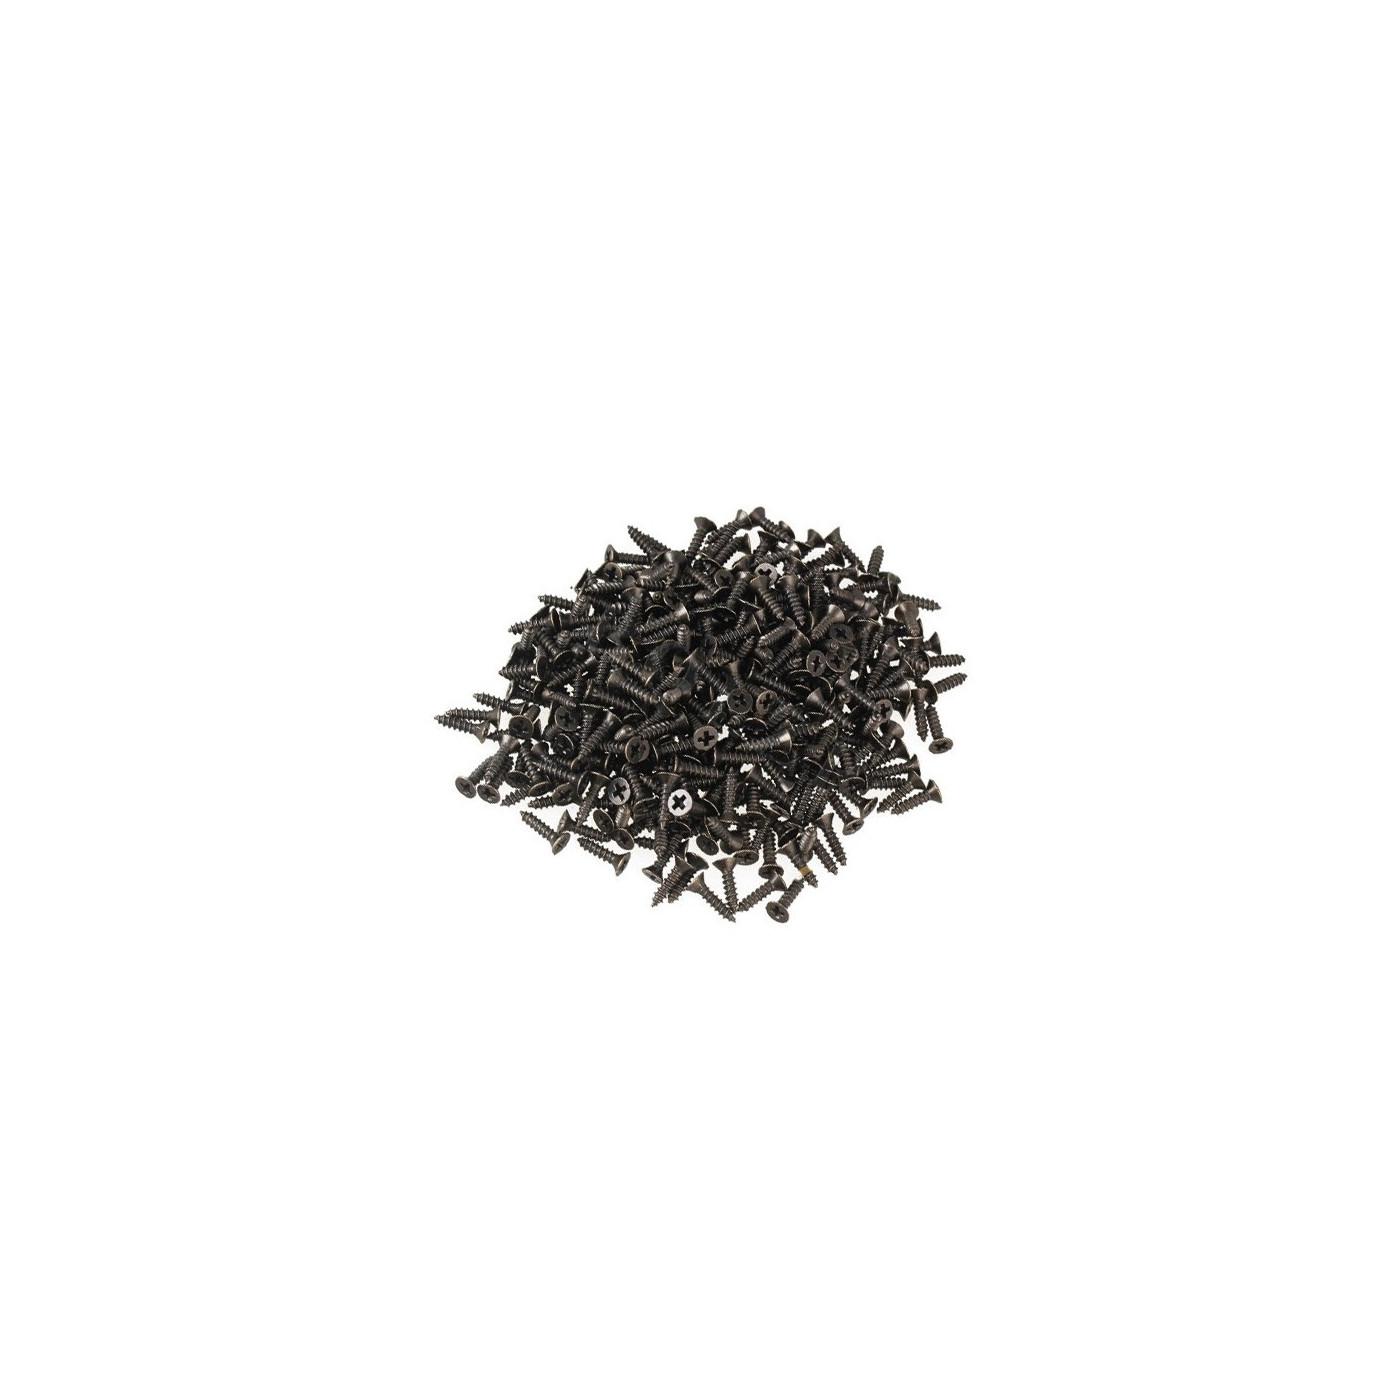 Set van 300 mini schroefjes (2.0x10 mm, verzonken, bronskleur)